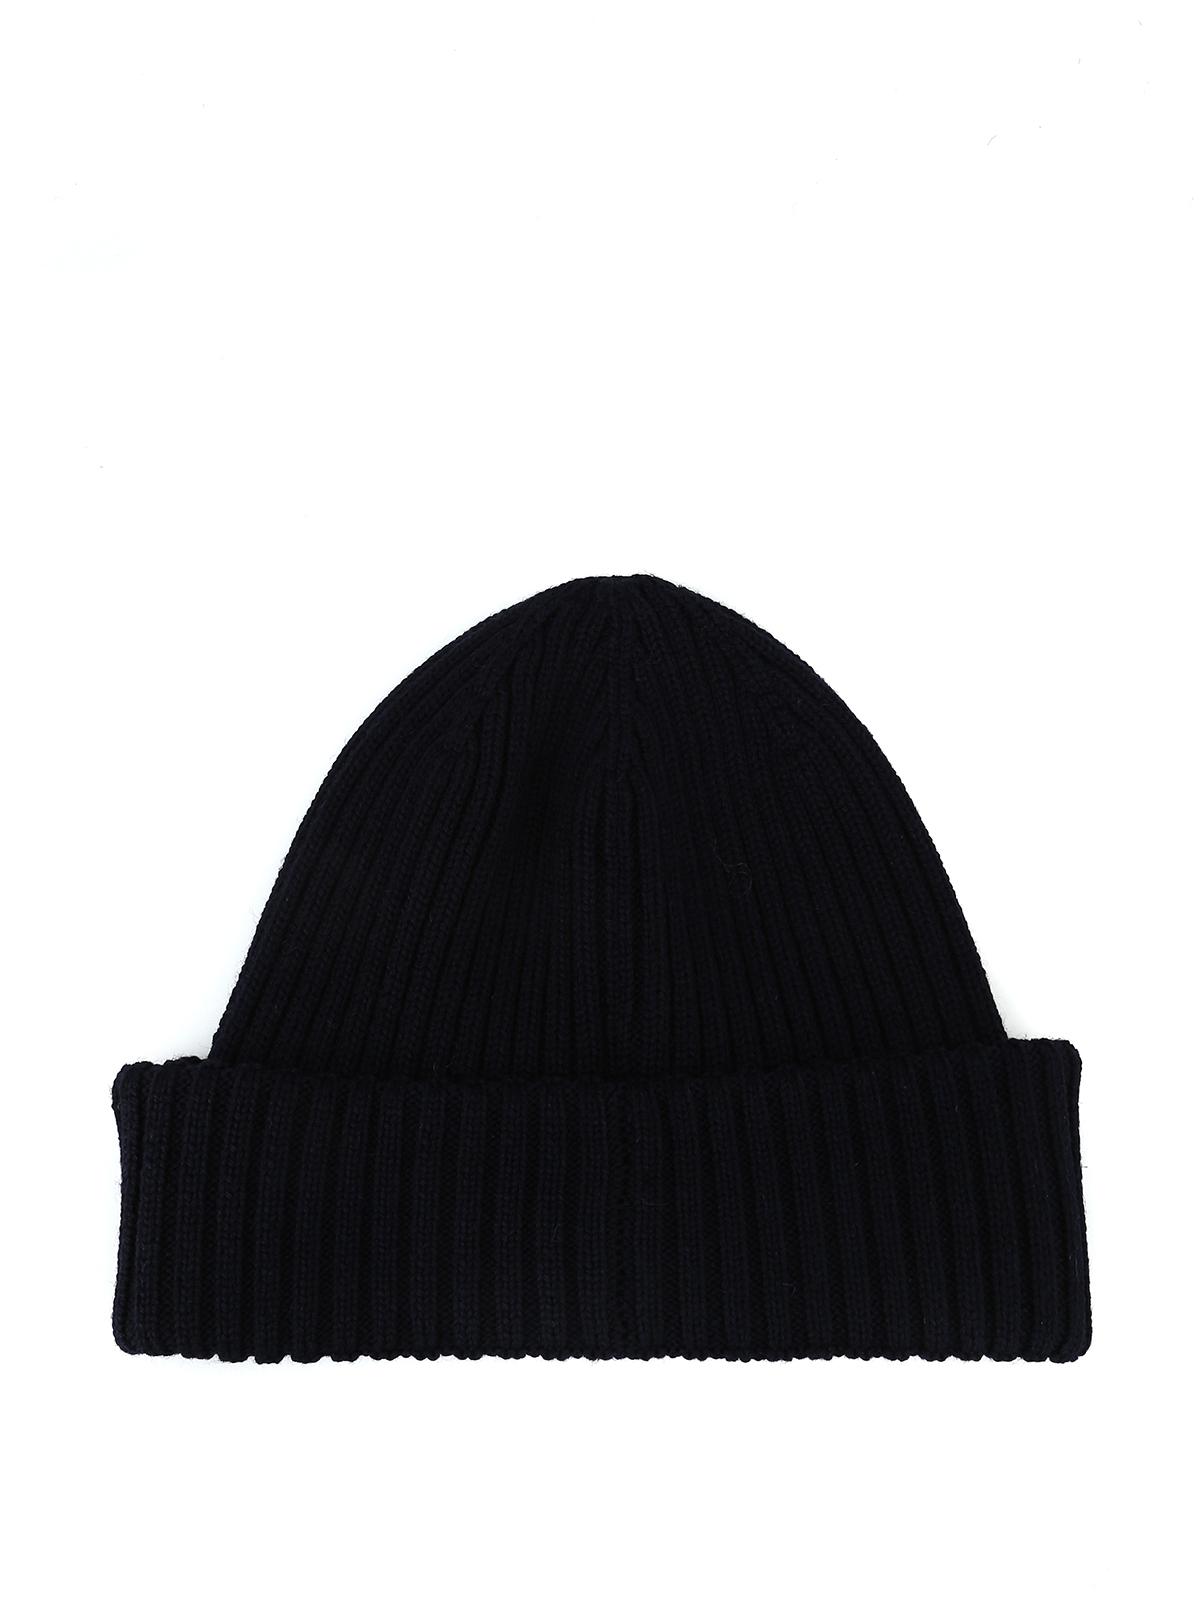 d17ec93cecb Moncler Ribbed Knit Beanie Hat - Parchment N Lead